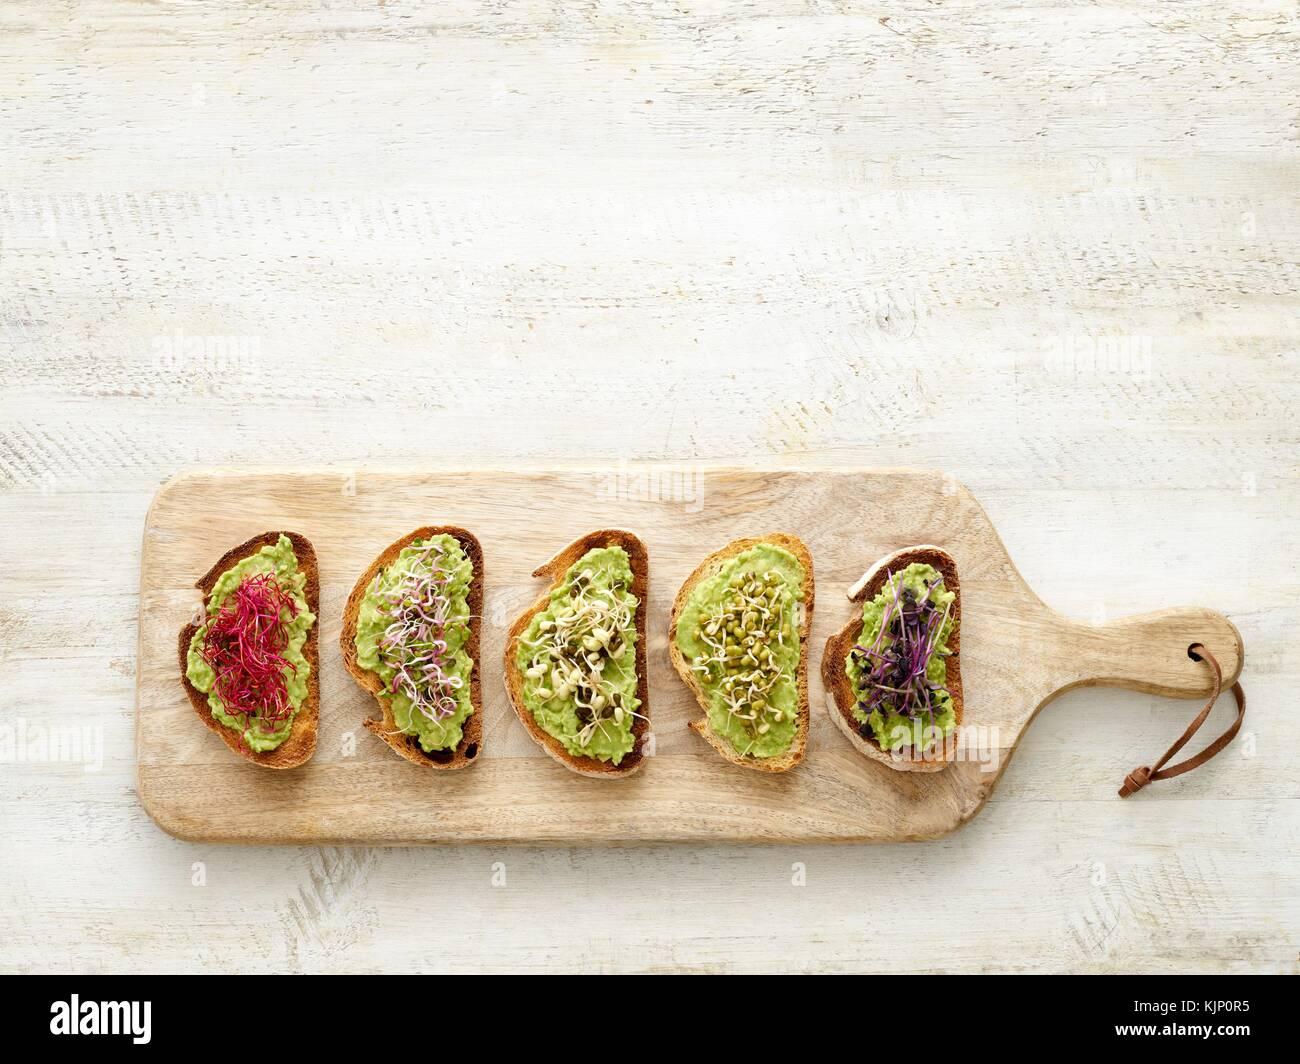 Les bruschetta sur une planche à découper en bois. Photo Stock